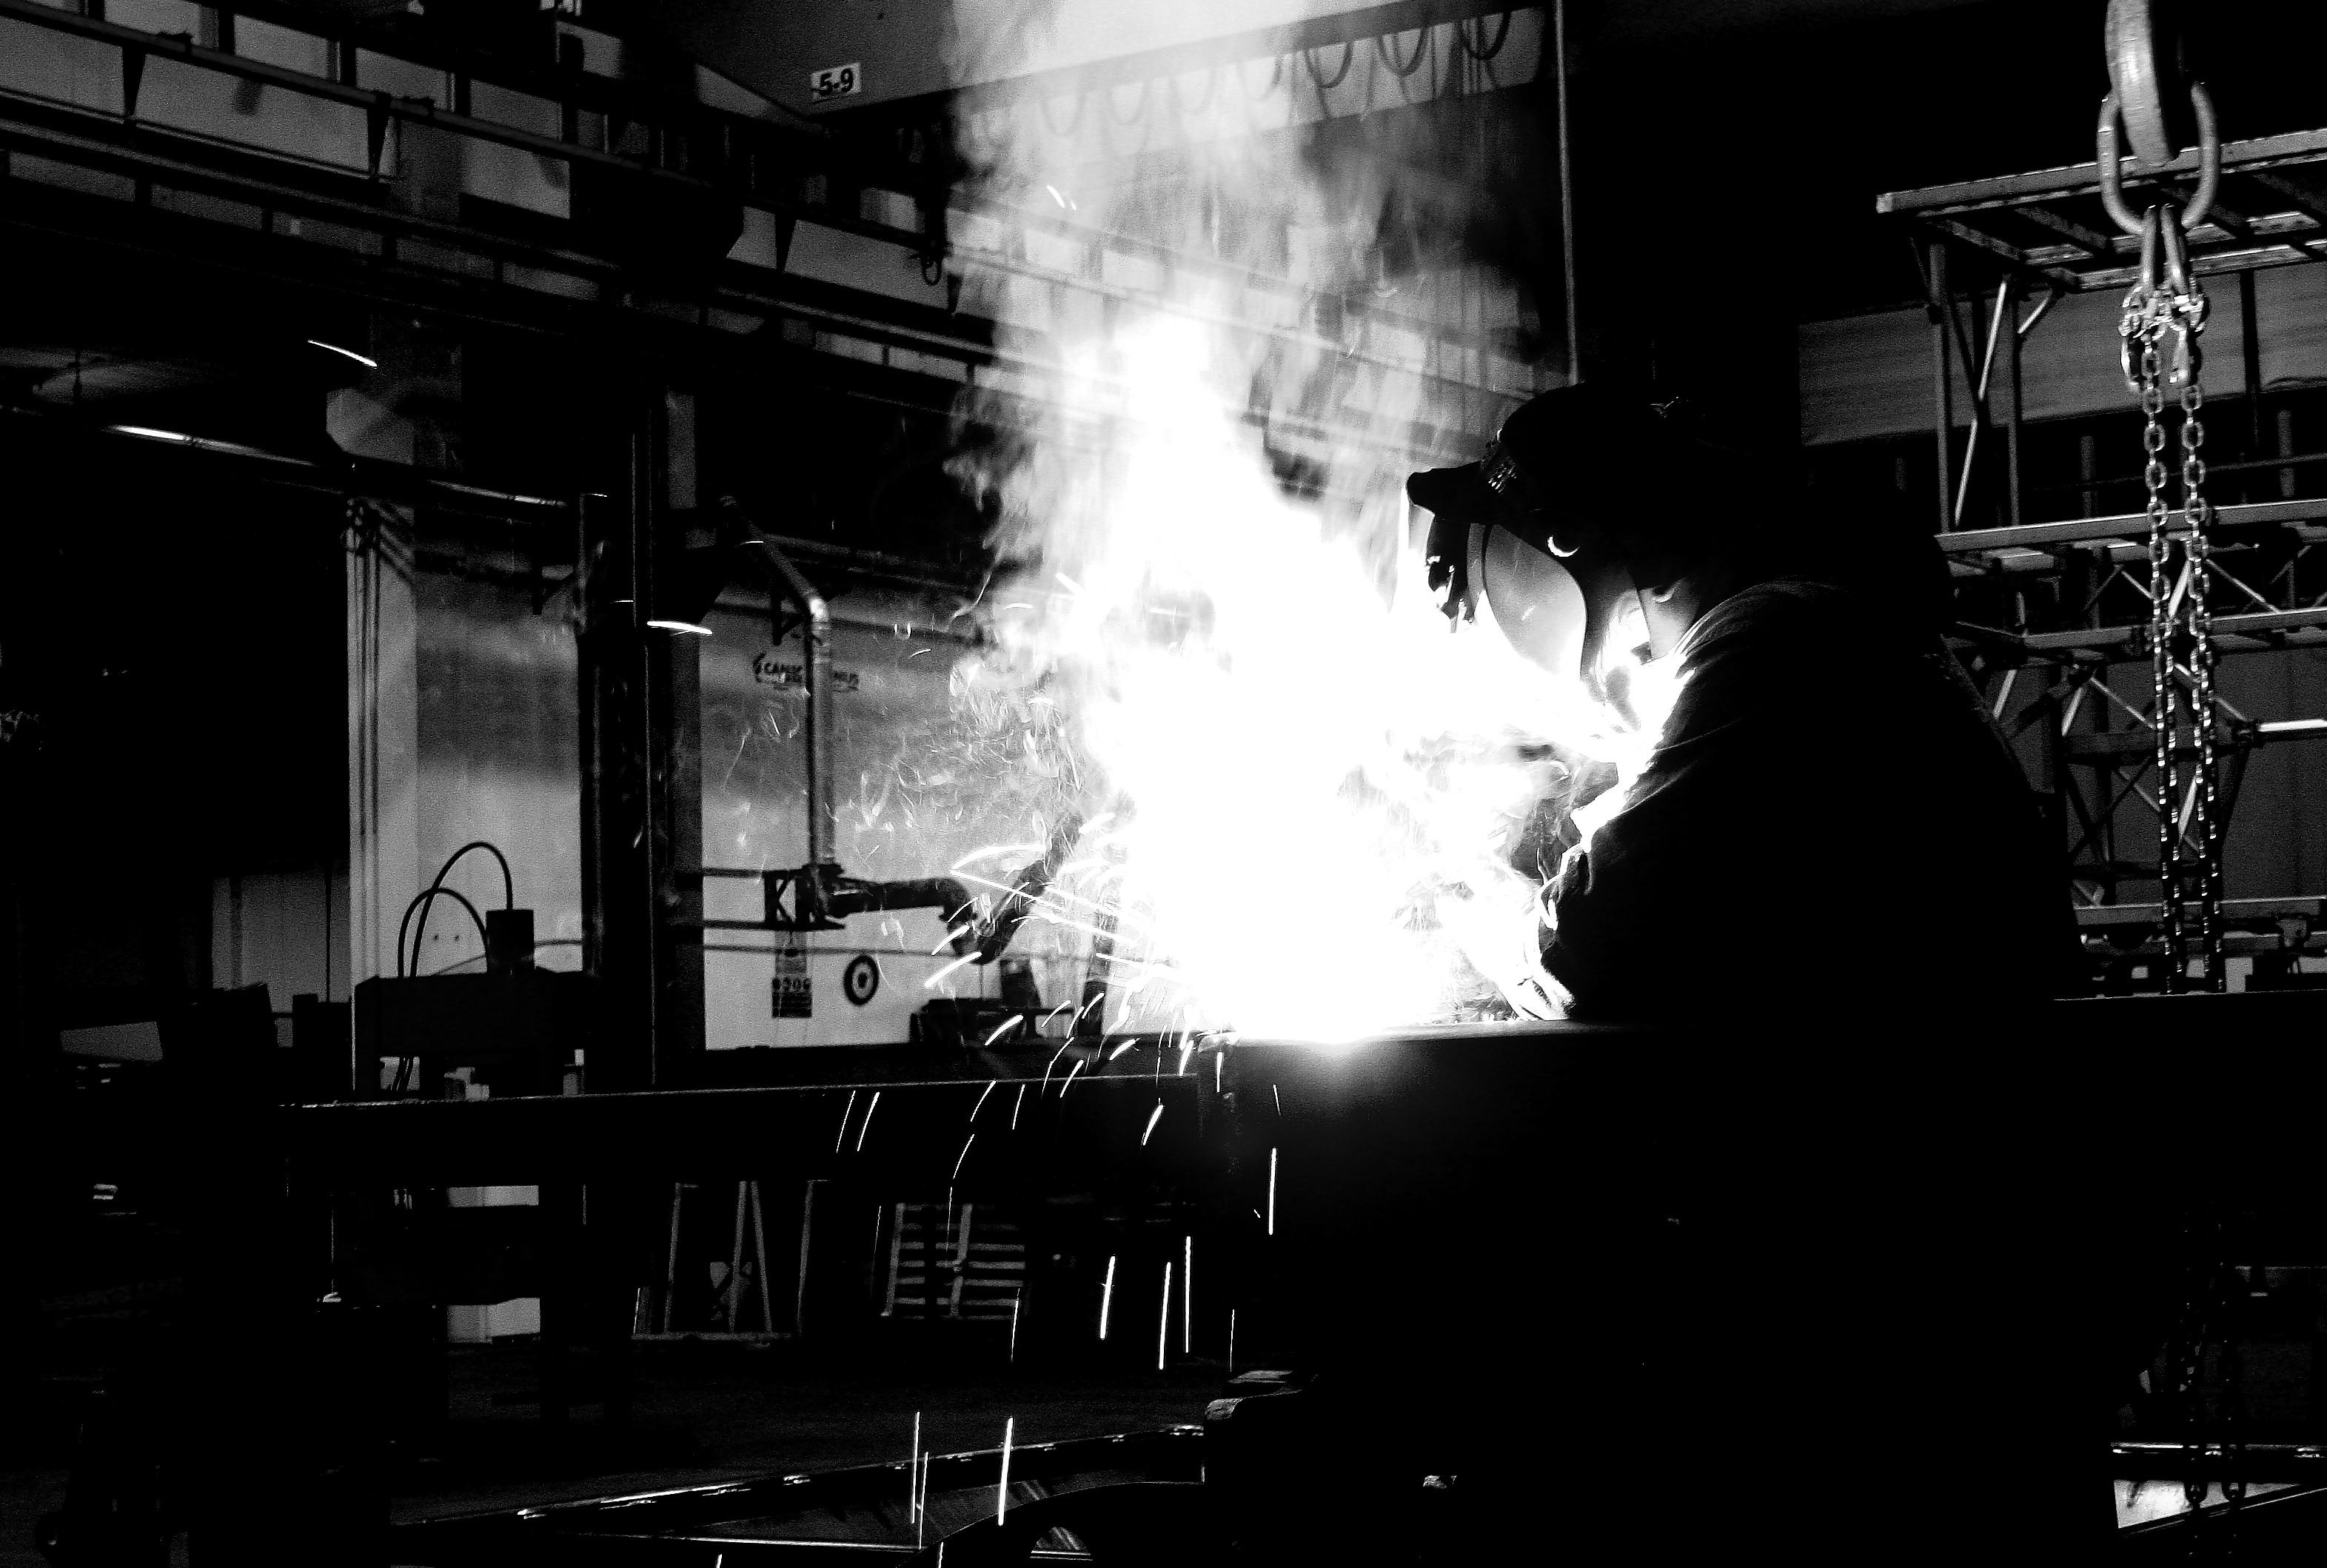 Creare dall'acciaio di Andrea F